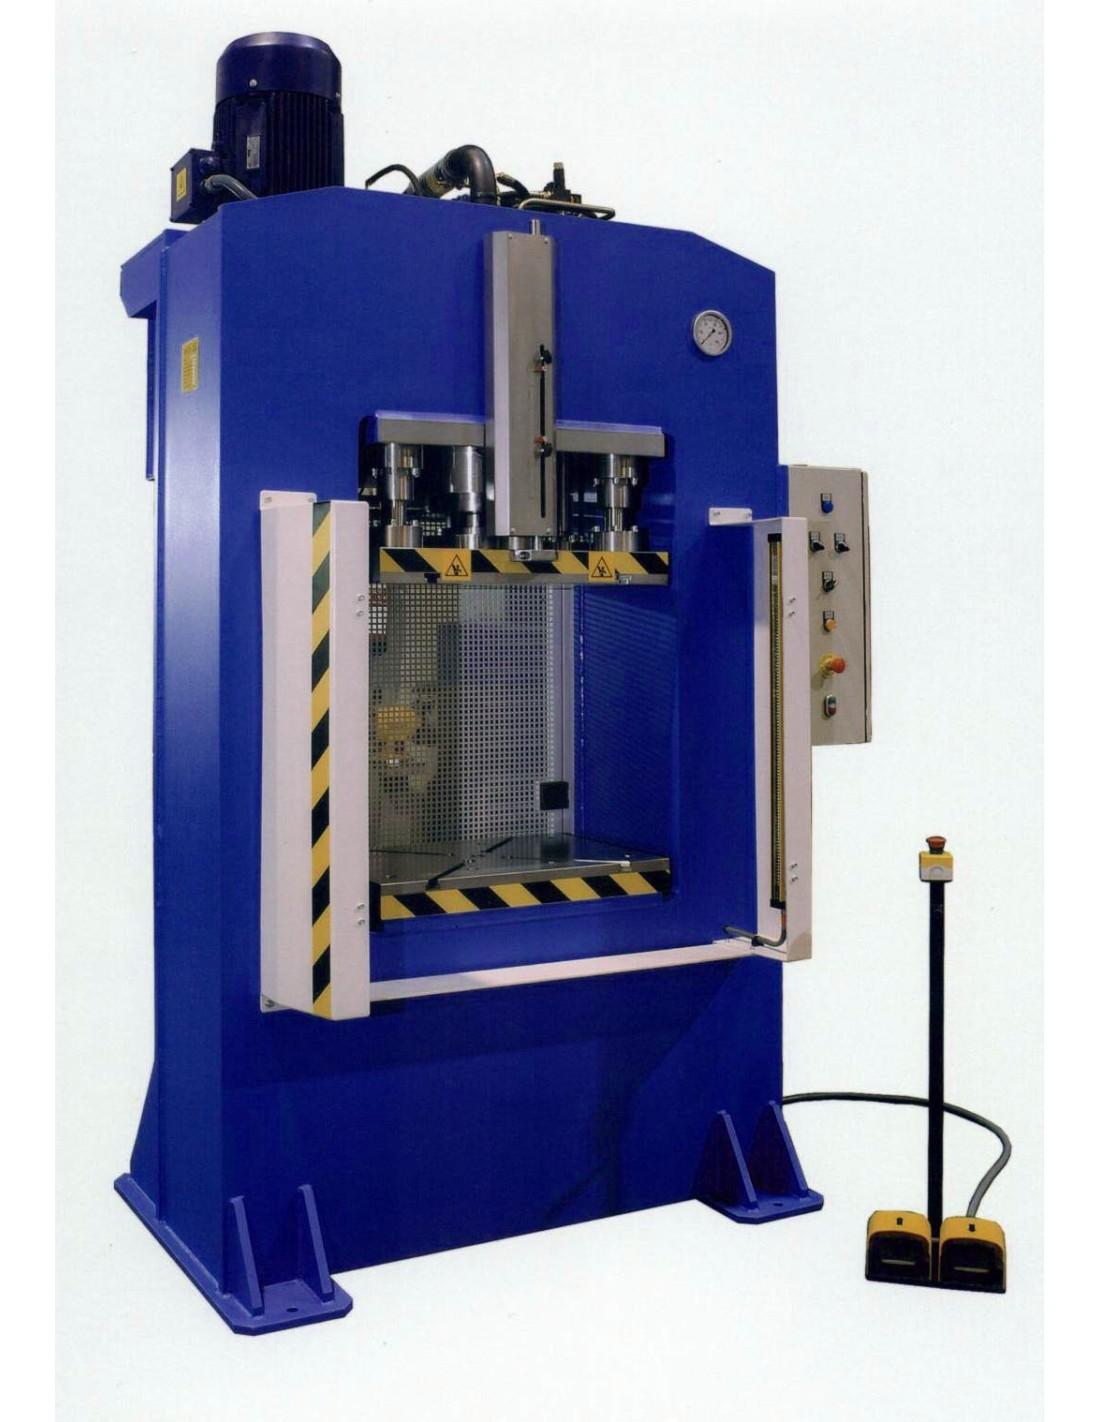 Presa hidraulica cu cadru arc RHTC RM-500